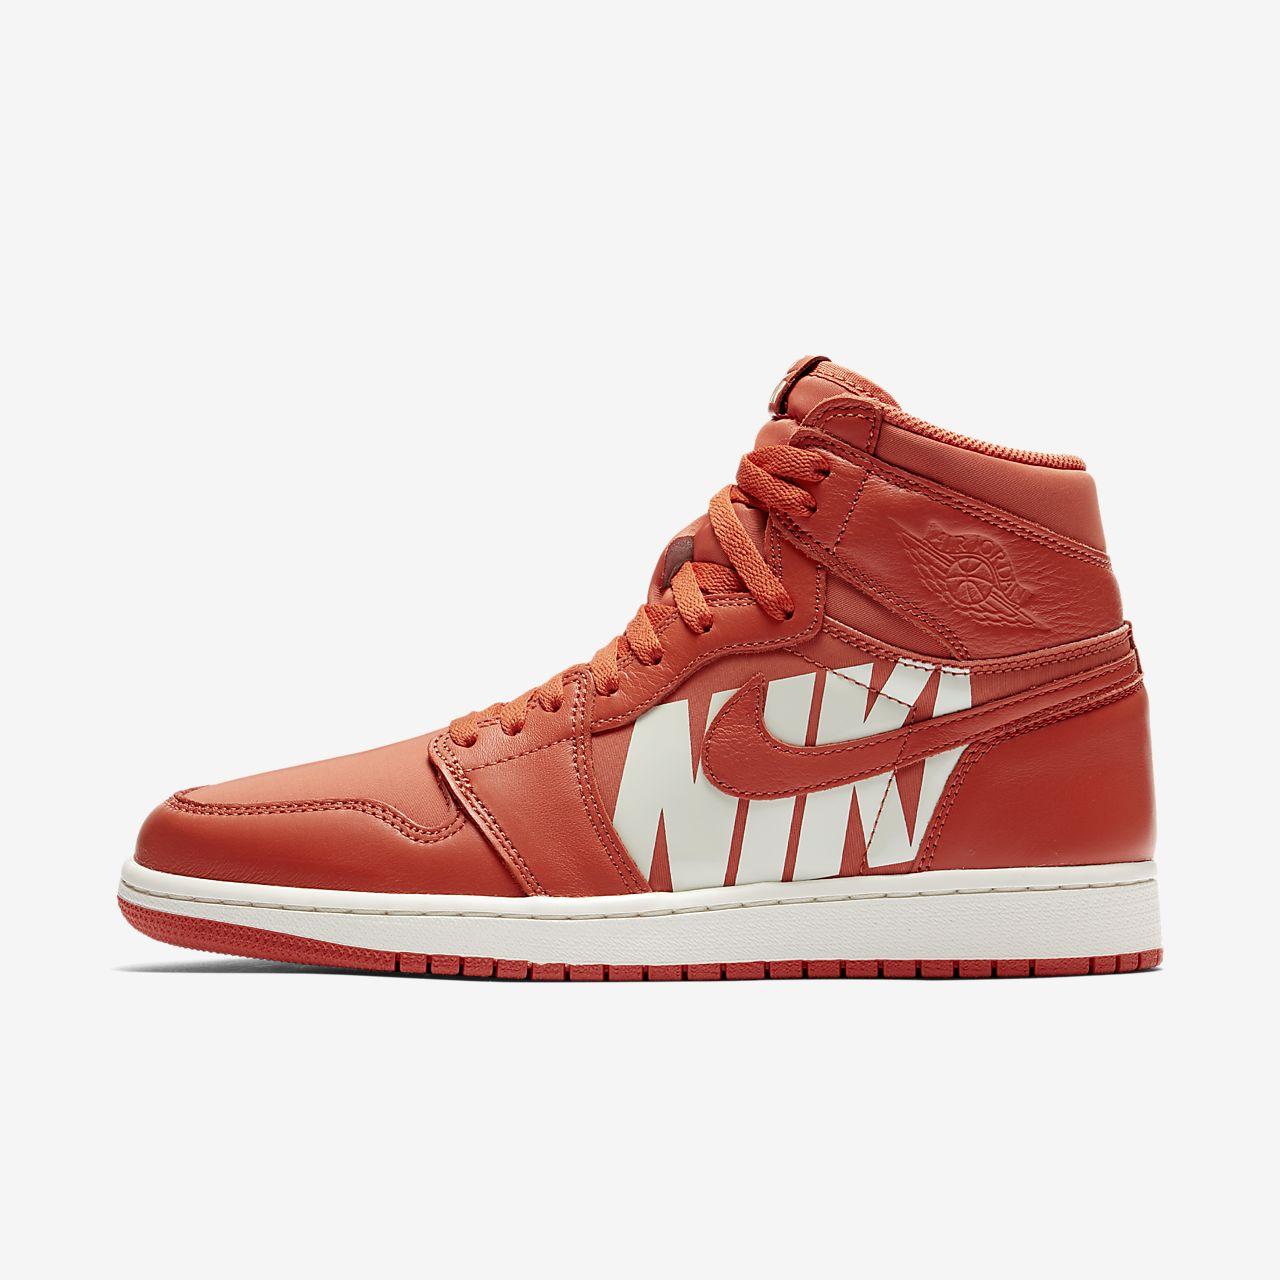 Air Jordan 1 Retro High OG Schoen